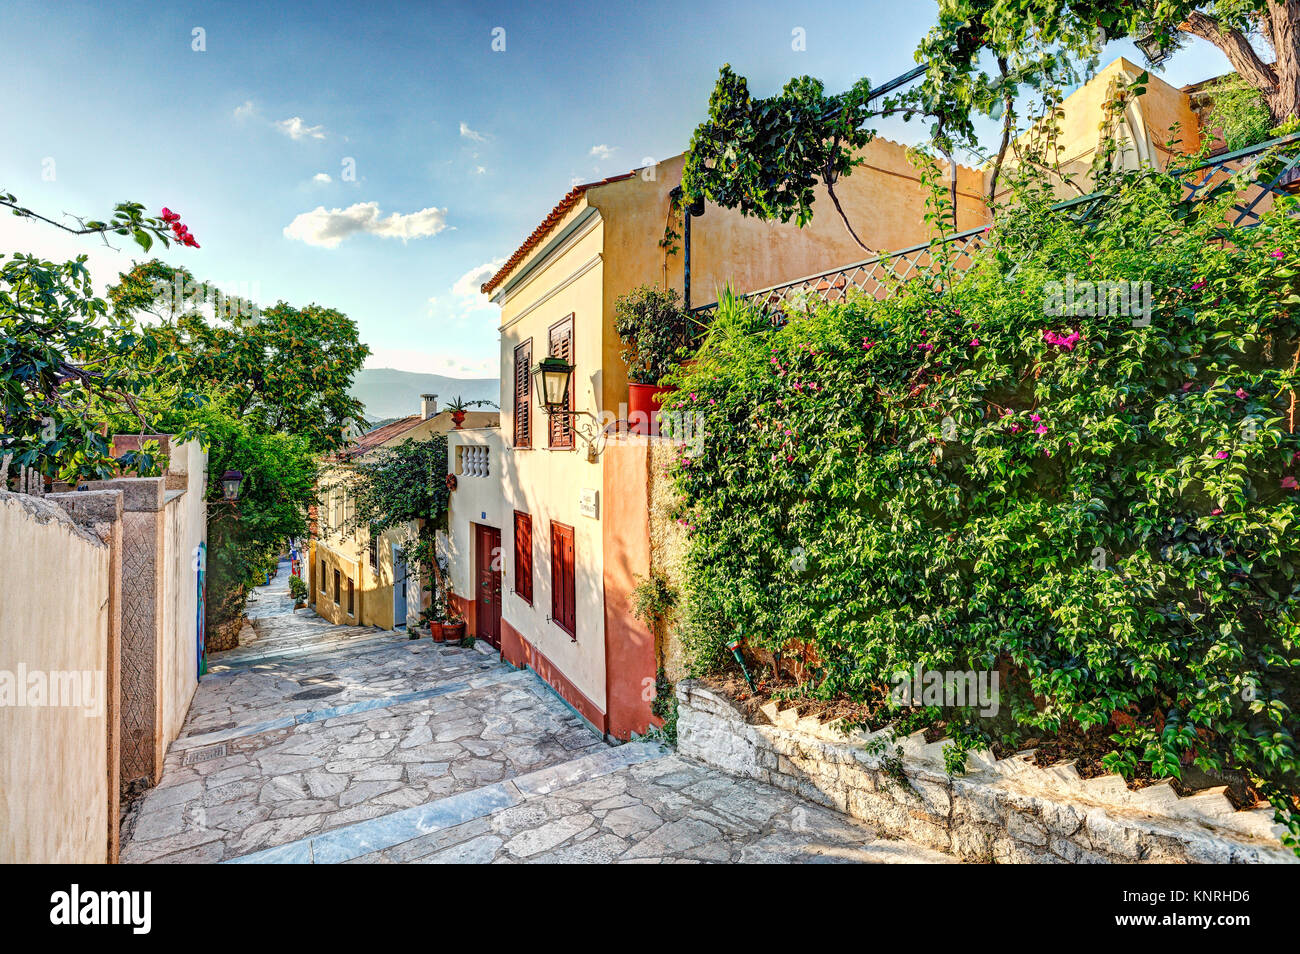 Les bâtiments pittoresques de Plaka à Athènes, Grèce Photo Stock